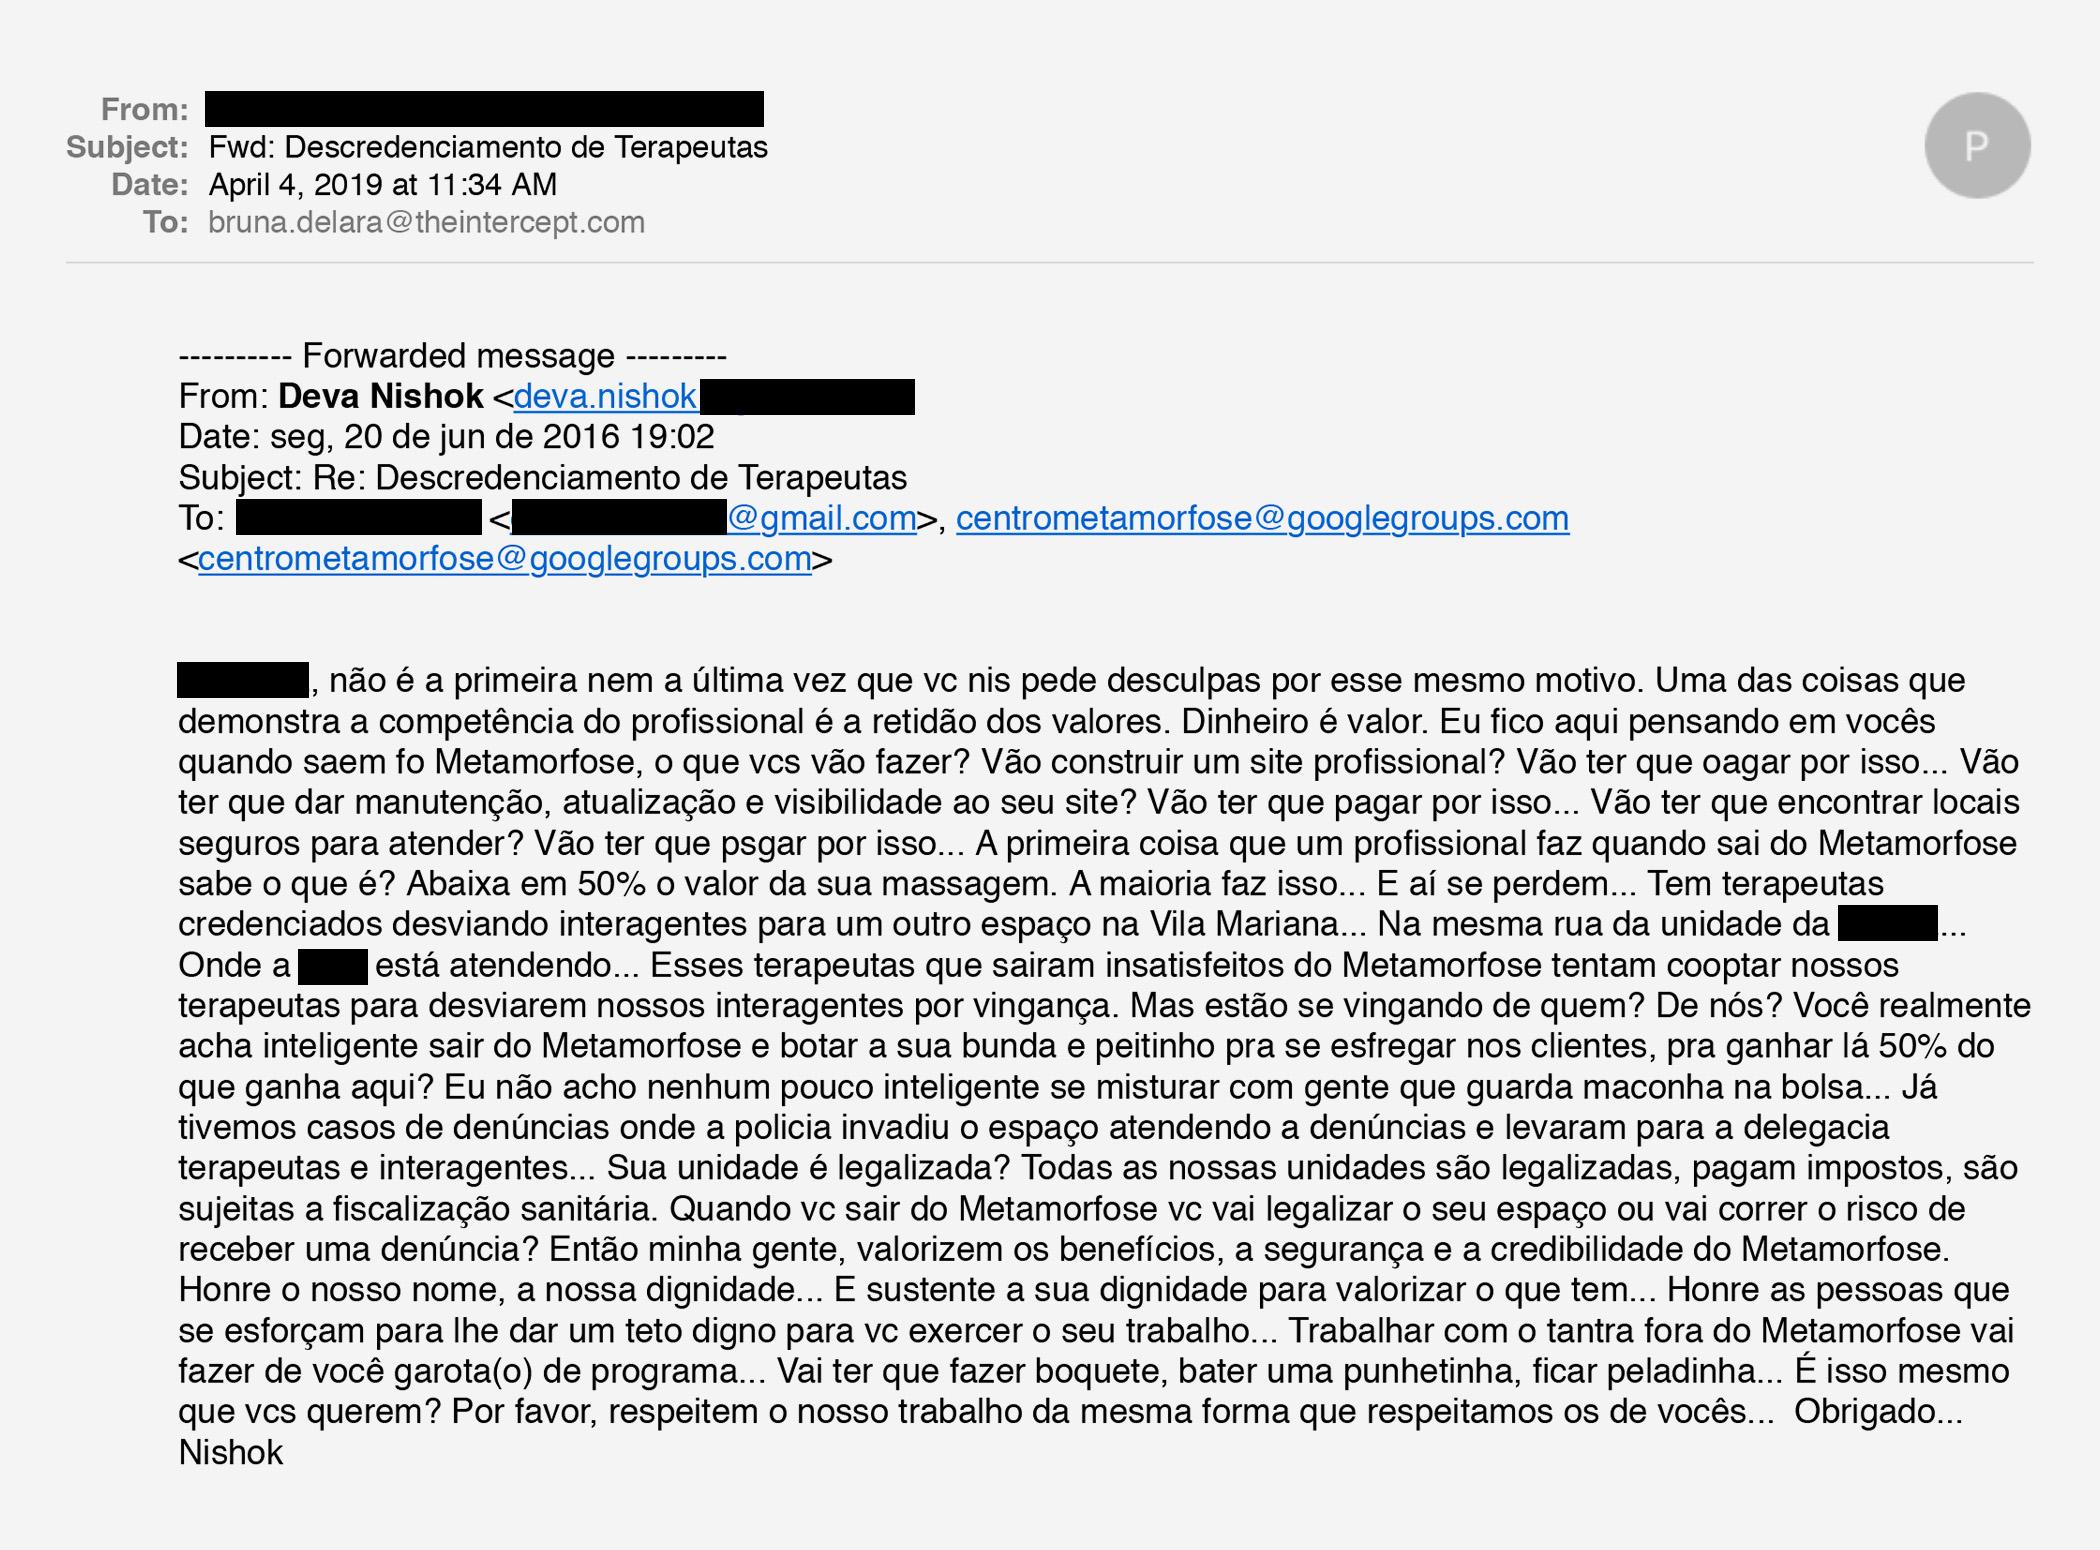 nishok 12 1557504199 - O ASSÉDIO PISCA EM NEON: guru brasileiro do tantra, Deva Nishok, é acusado de abuso sexual